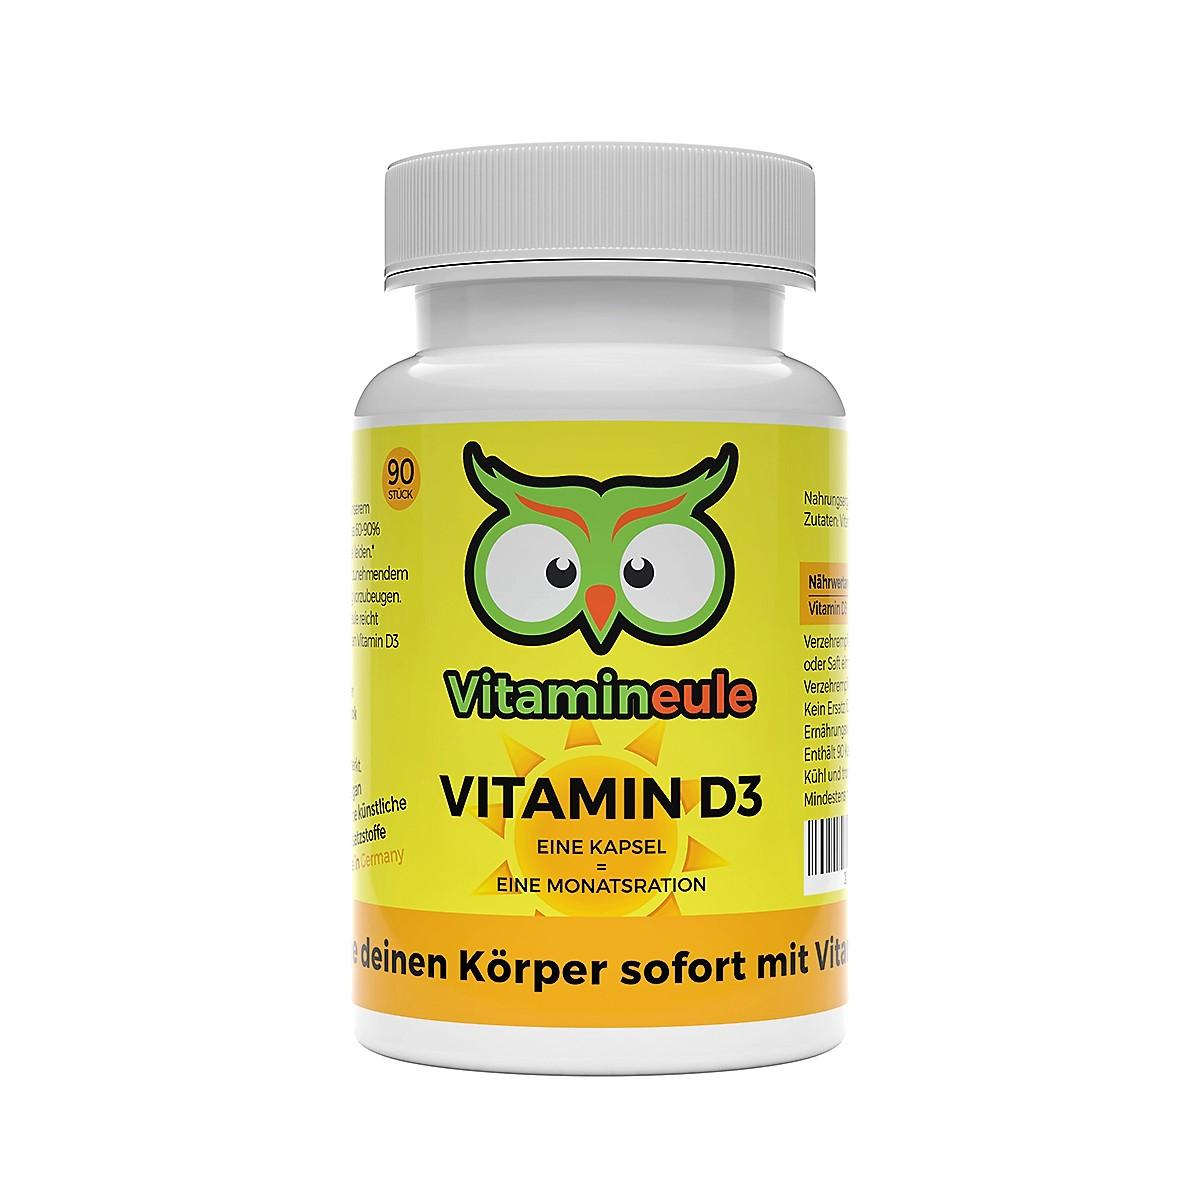 Vitamineule® Vitamin D3 Kapseln